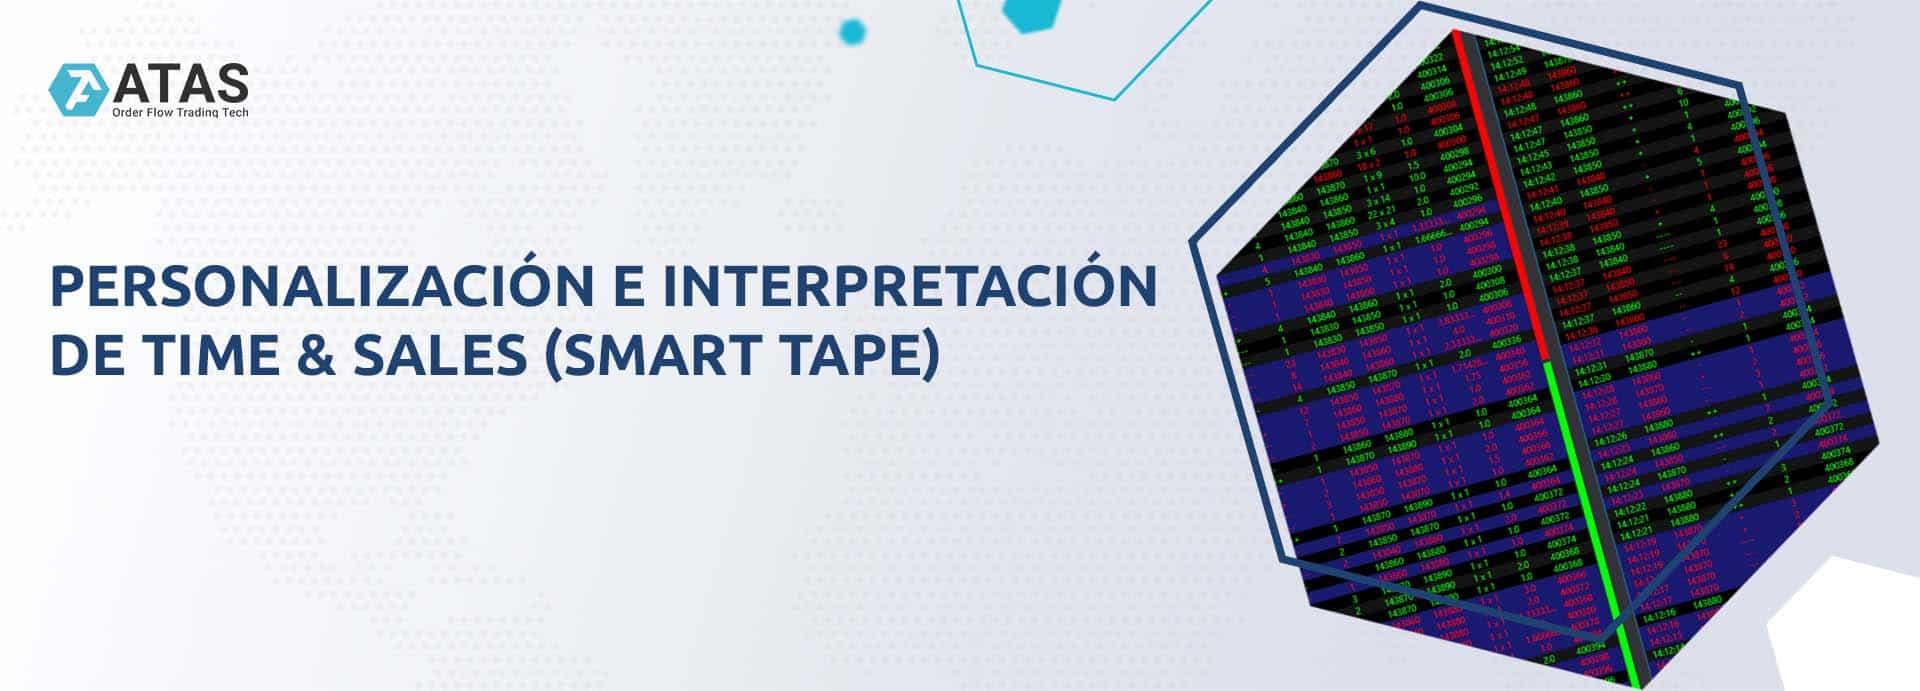 Personalización e interpretación de Time & Sales (SMART TAPE)